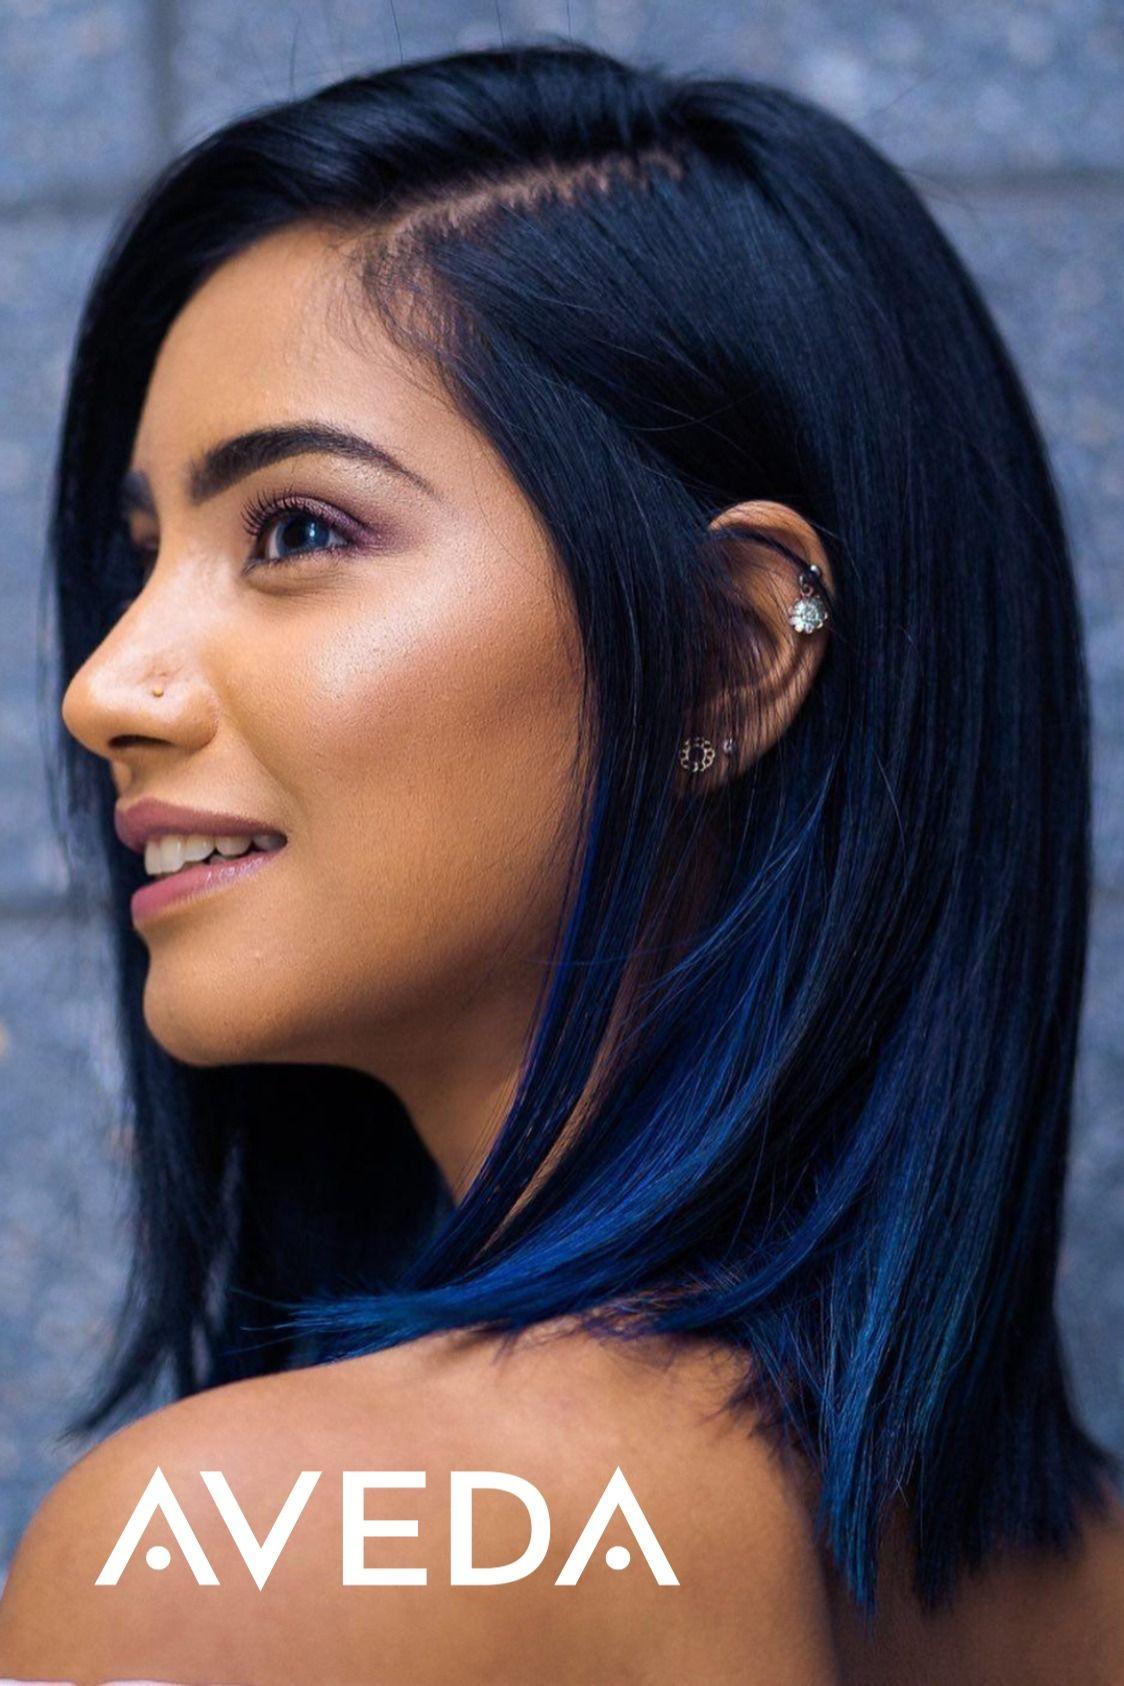 Vavү I Csyℓ Vyiℓ A Castℓe Syt Sғ Aℓℓ Tne Vyaicks Tneү Tnyaew At Me Xxxamarixxx Give Me A Follow Hair Inspo Color Royal Blue Hair Cool Hair Color